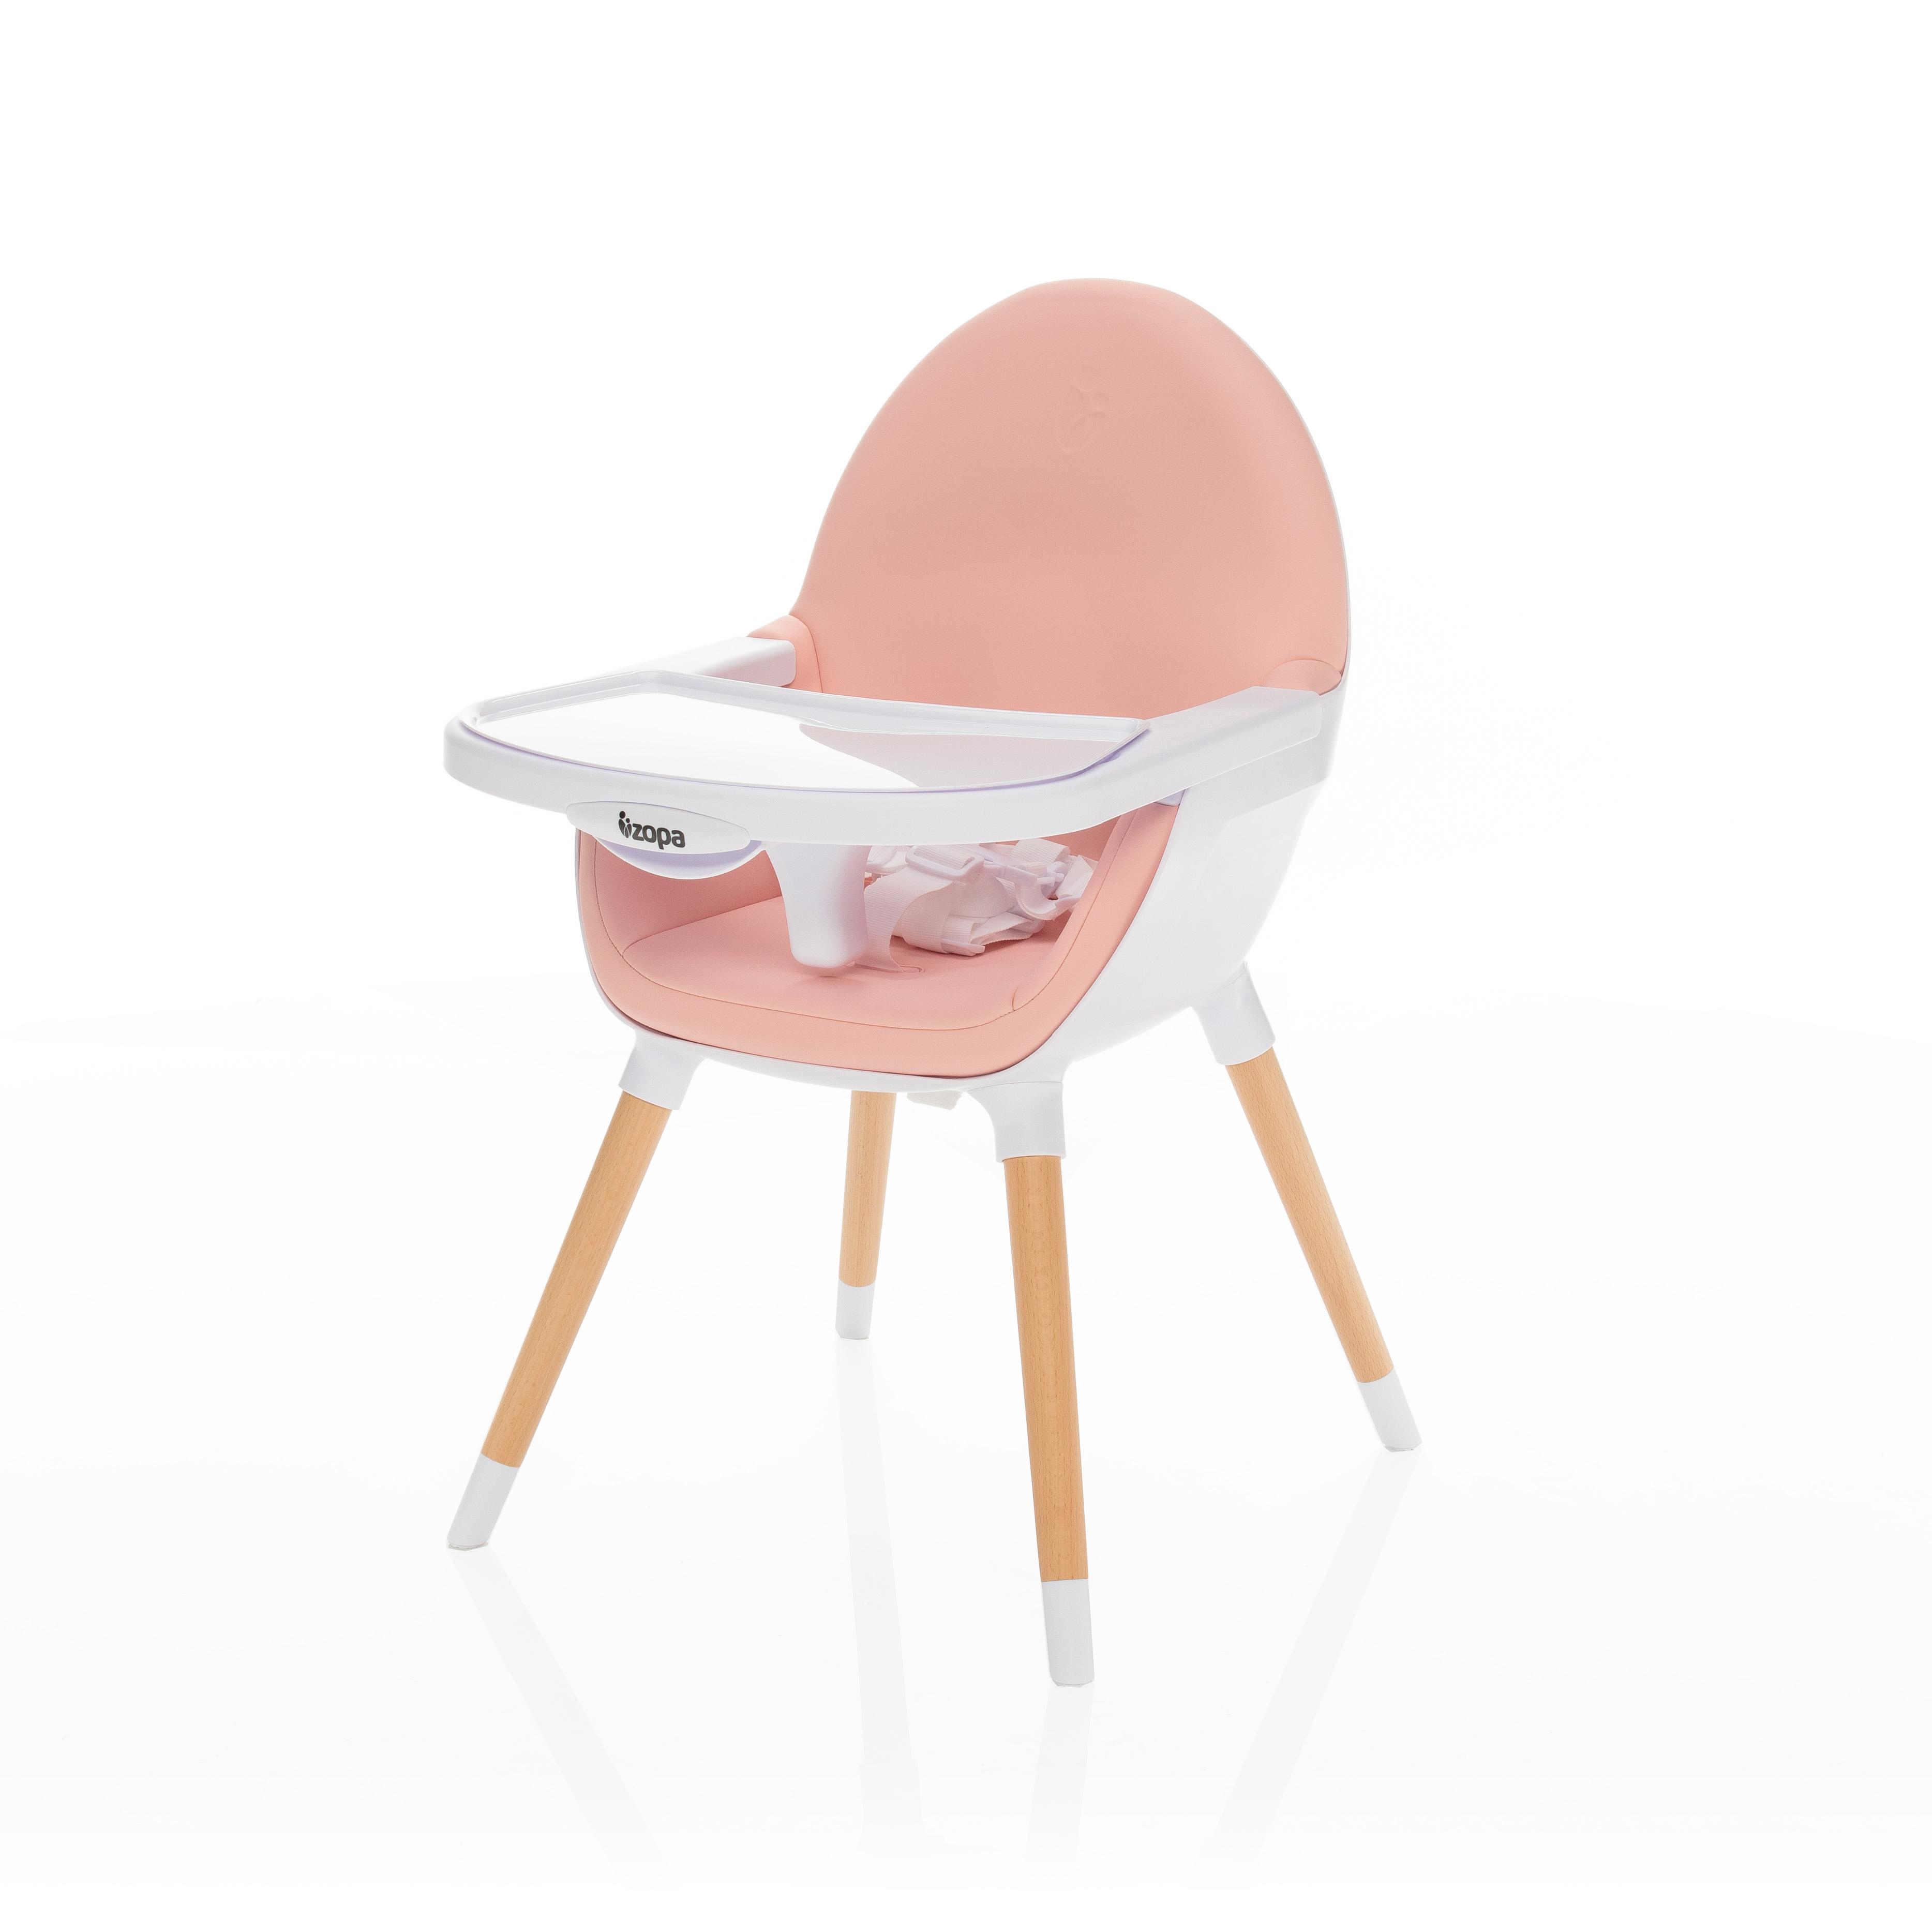 Dětská jídelní židlička Zopa Dolce - Blush Pink